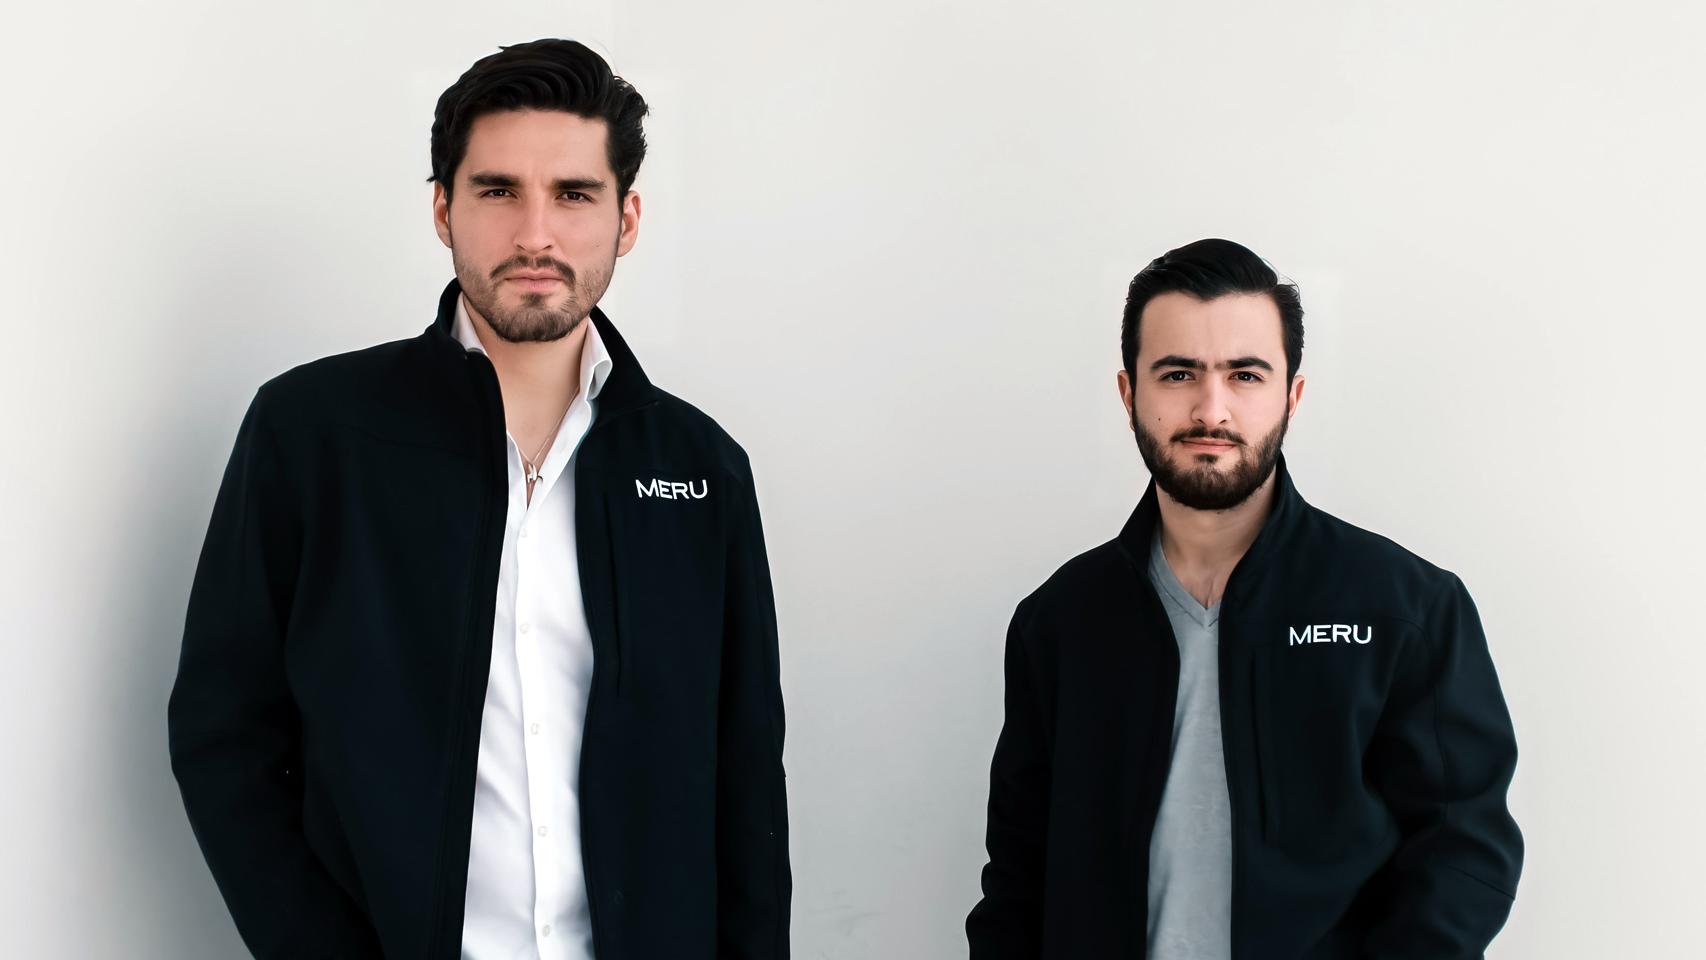 Los fundadores de Meru.